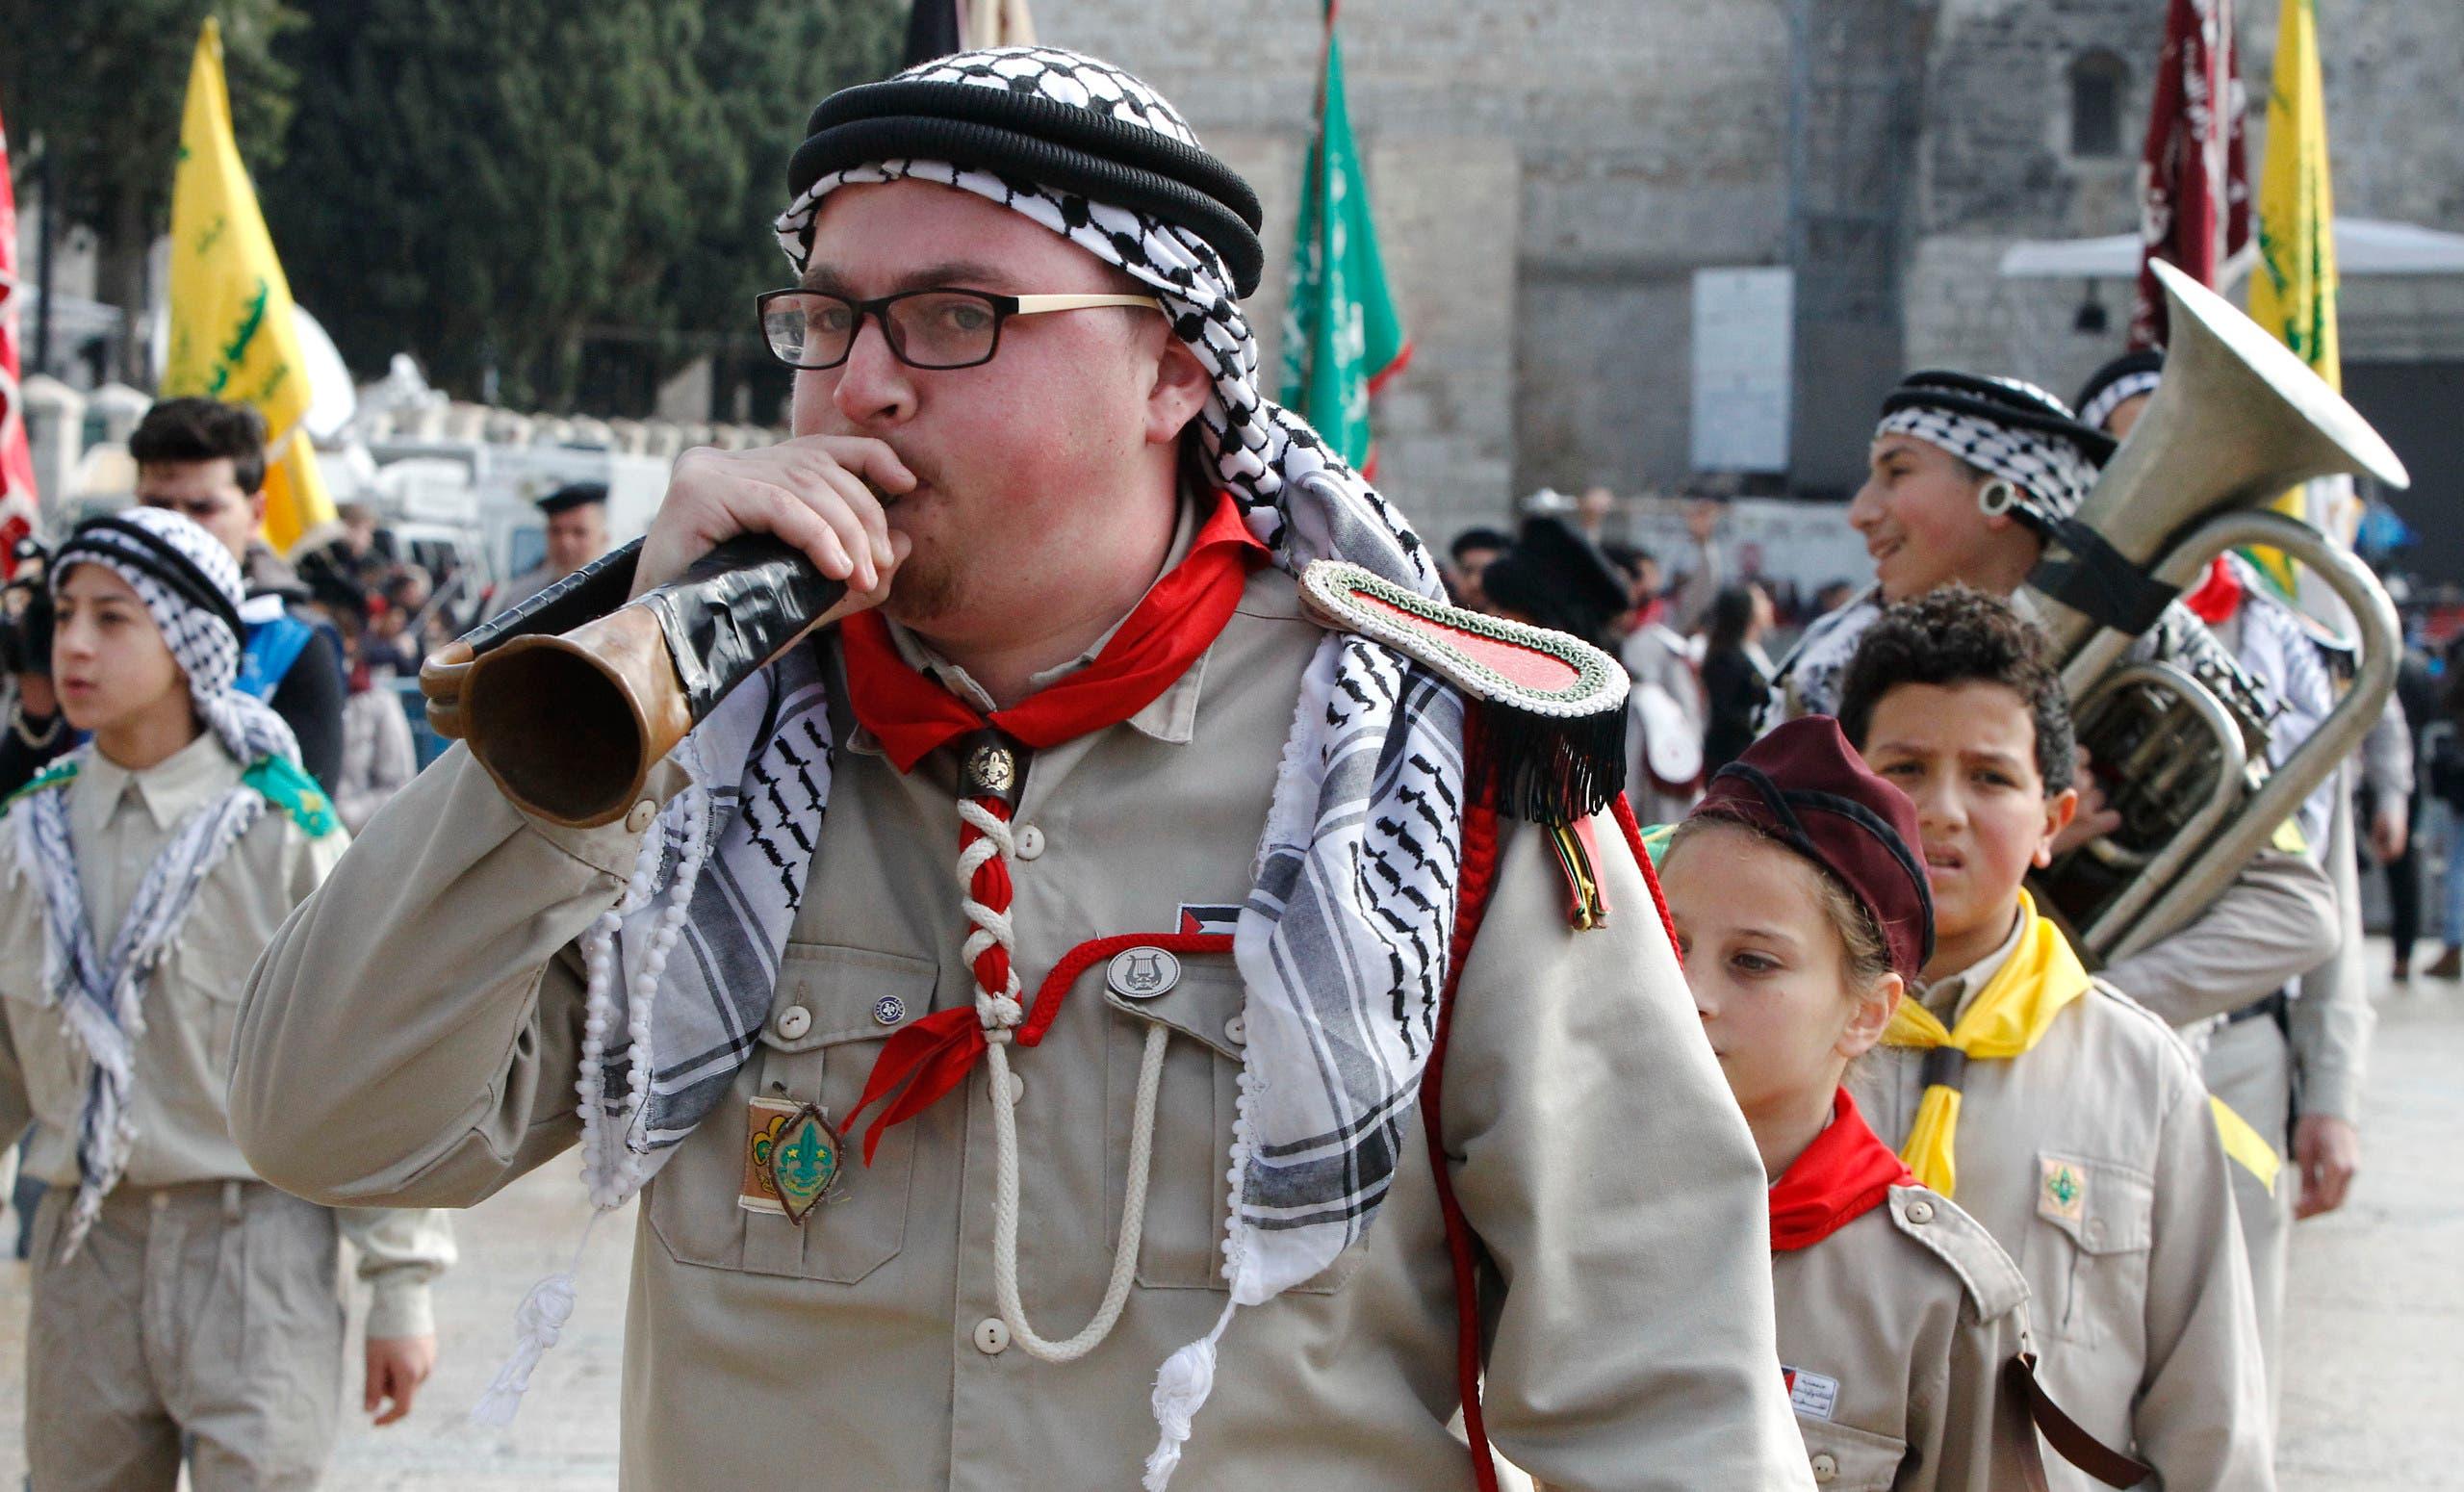 بیت لحم میں کرسمس کی تقریبات کے شرکاء